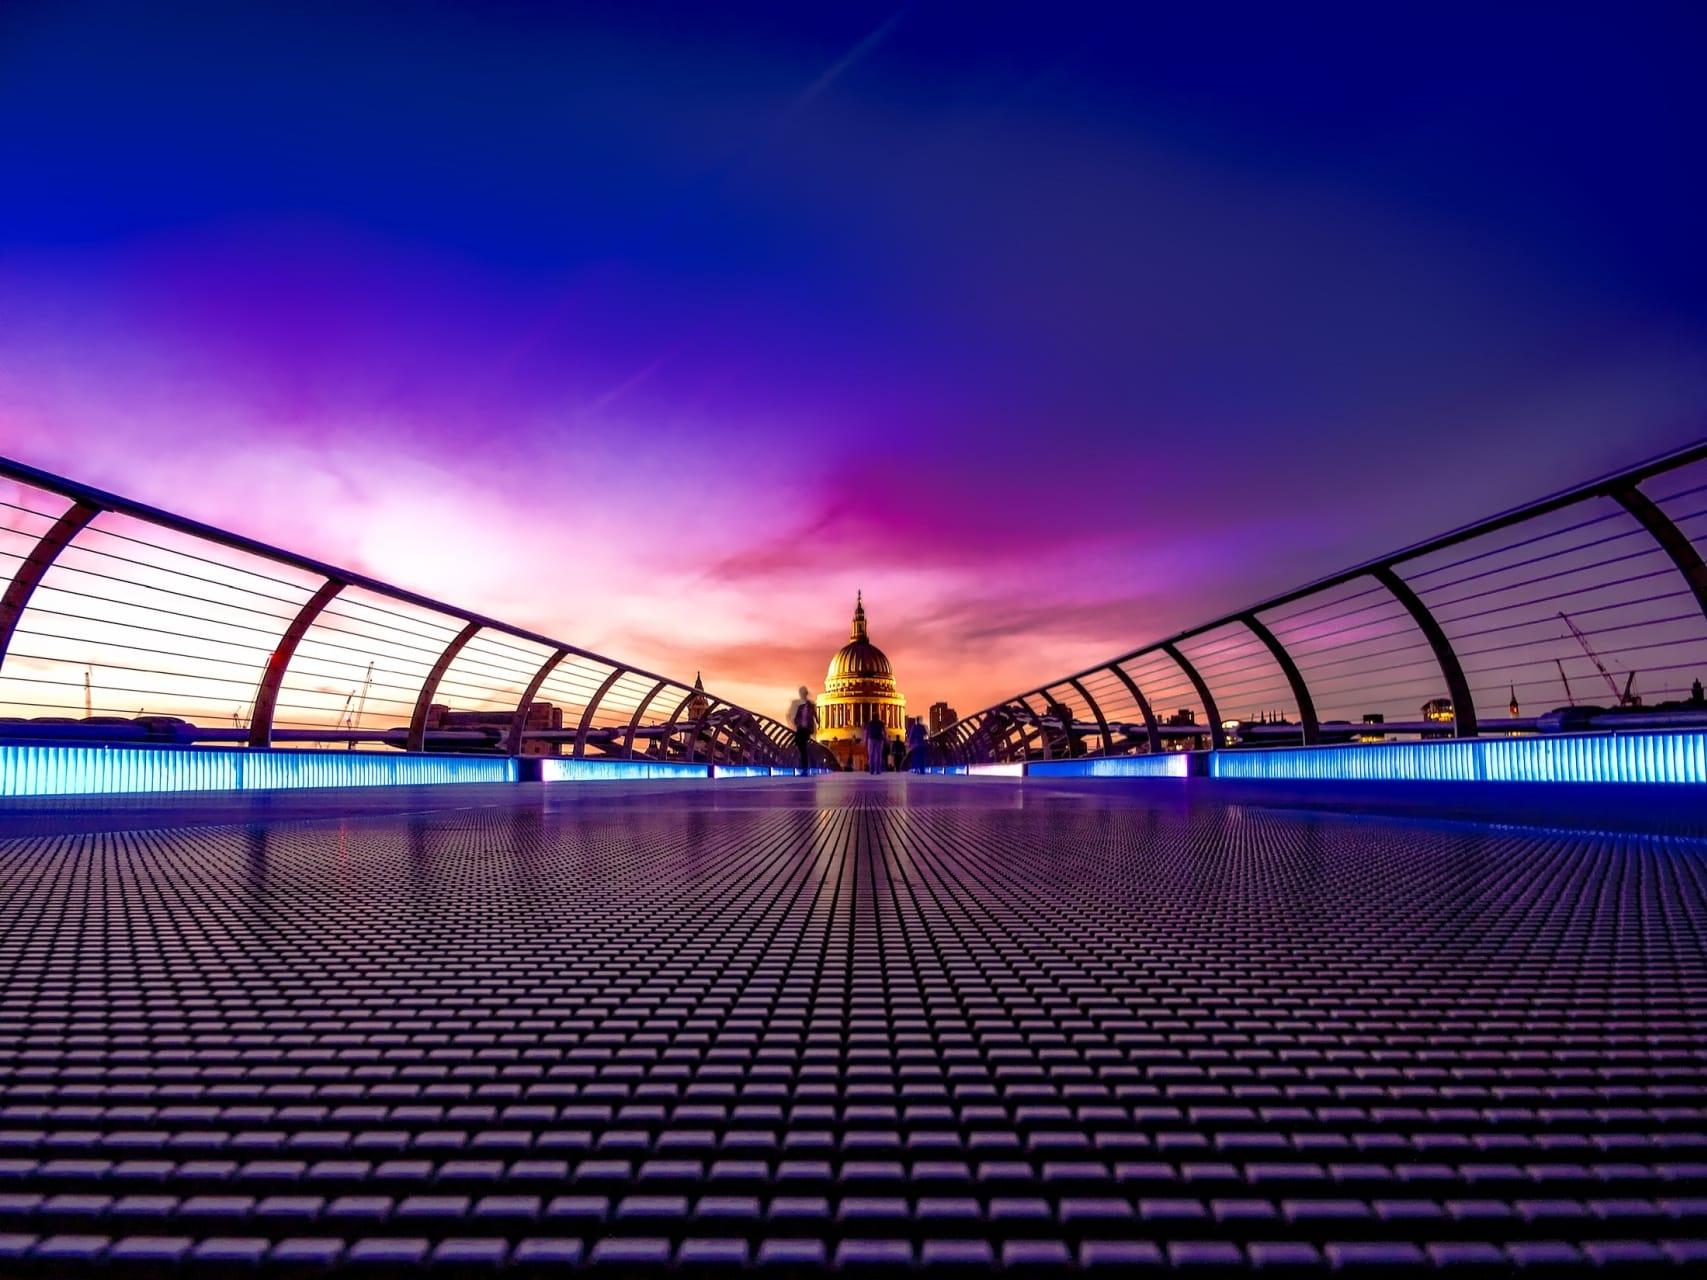 London - Blitz City